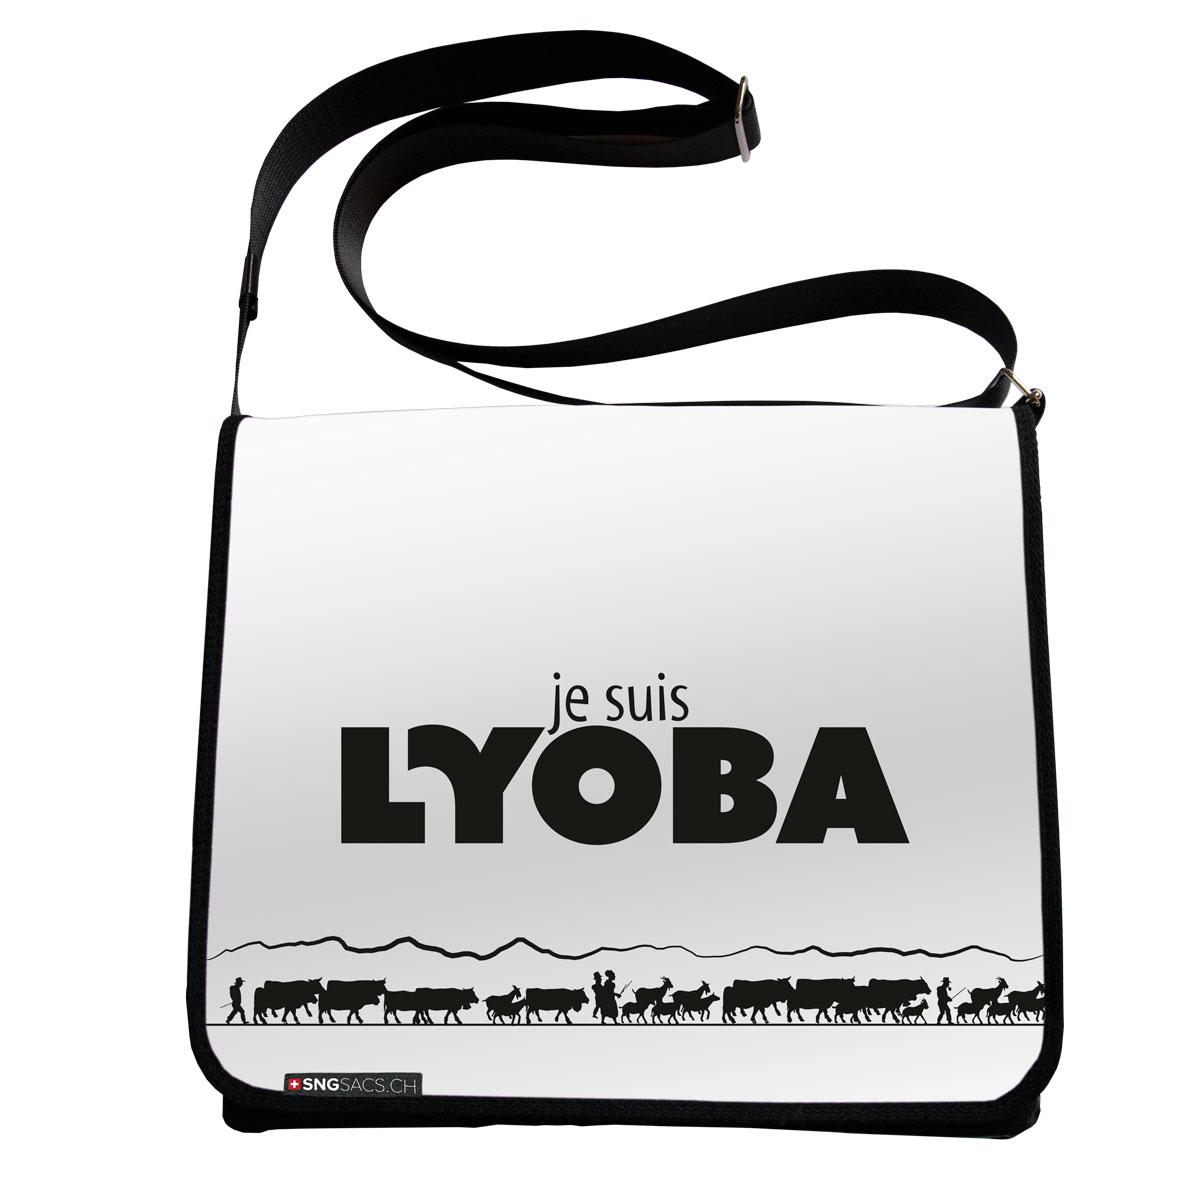 Je suis Lyoba